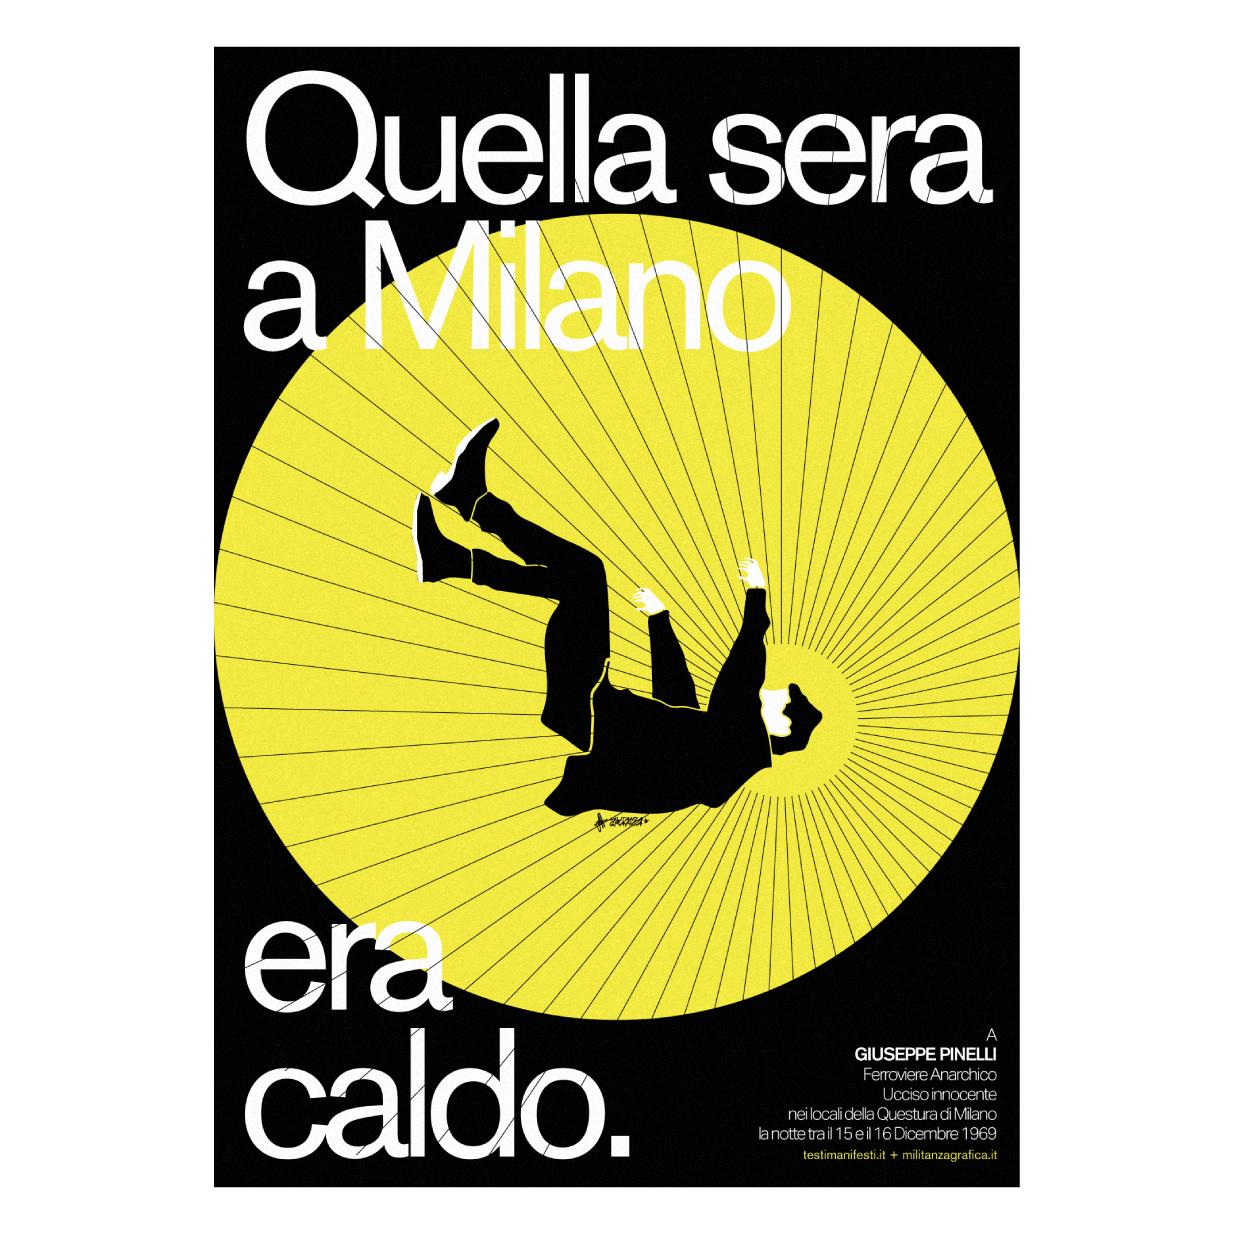 Quella Sera a Milano era caldo